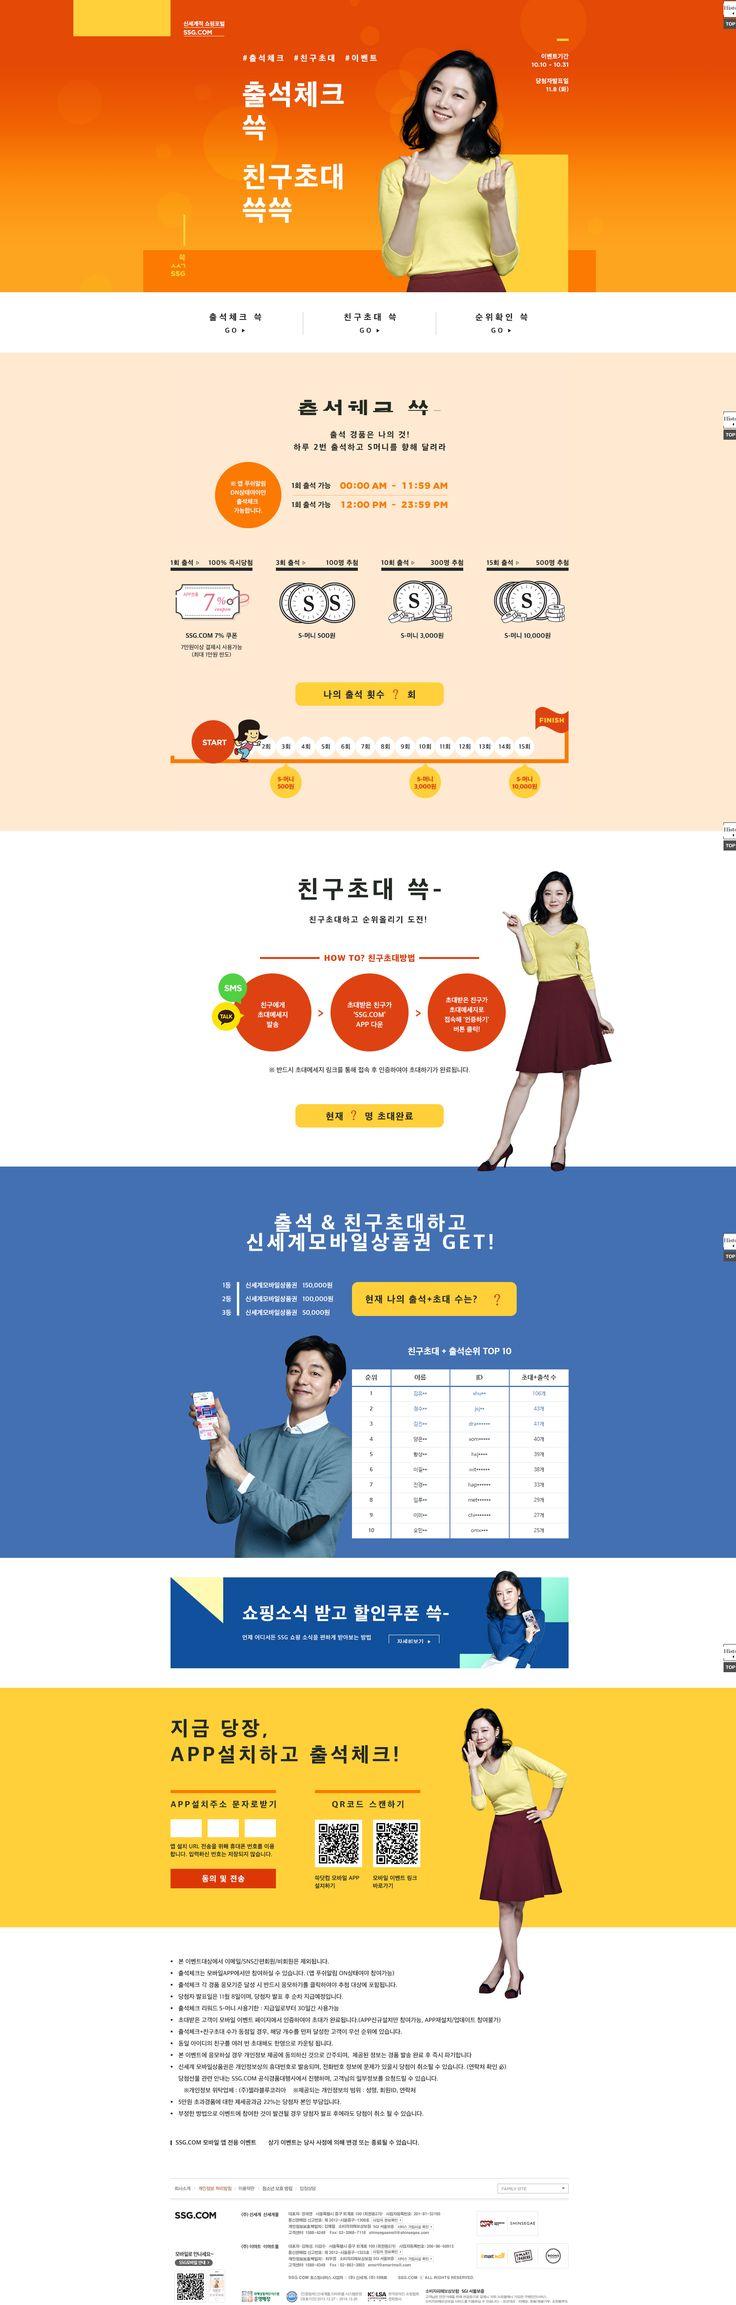 #2016년10월2주차 #ssg닷컴 #출석첵크 www.ssg.com